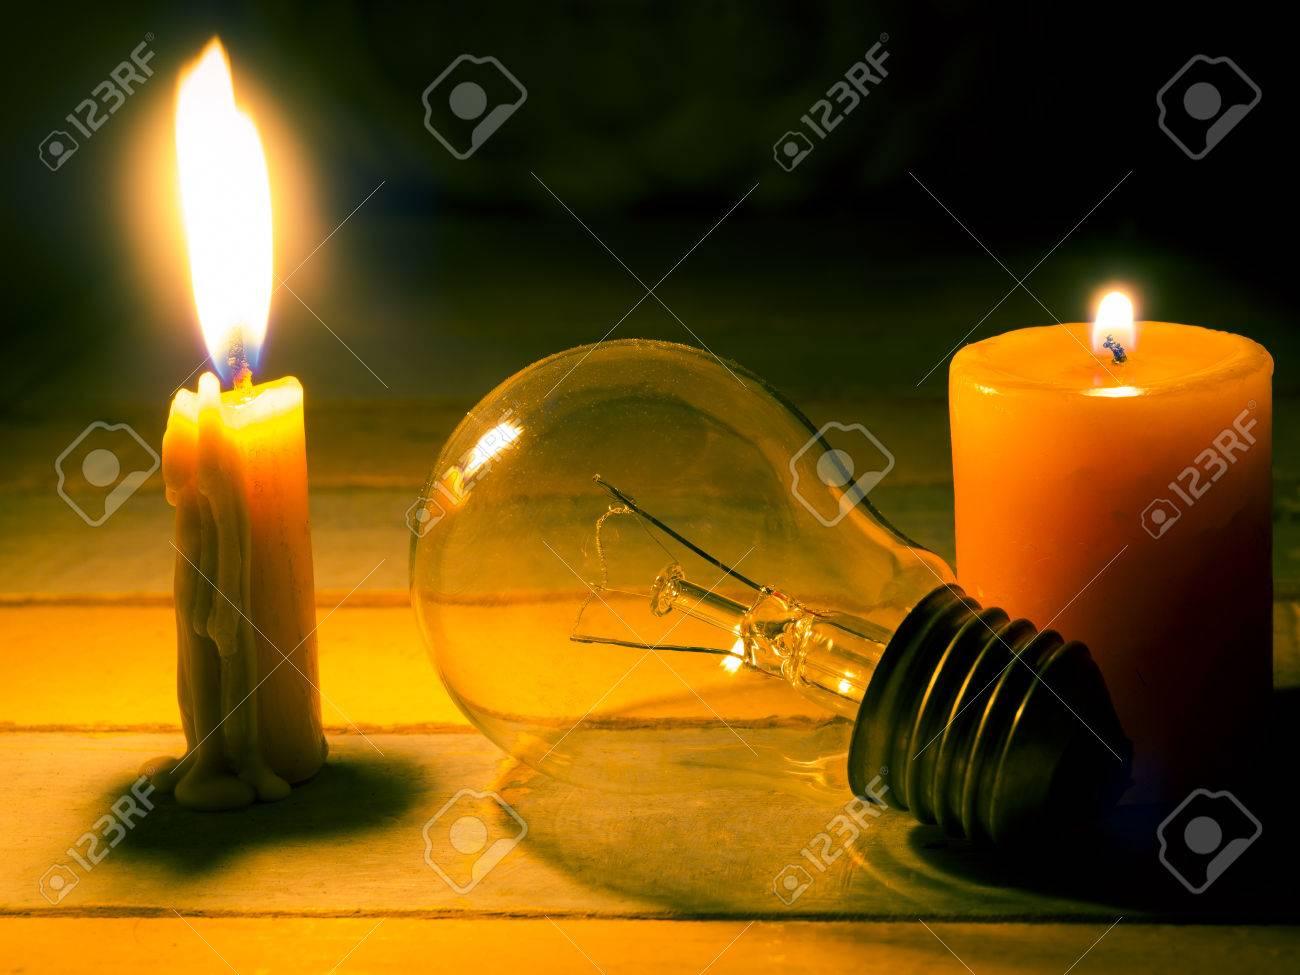 Kerze Licht Leuchten Auf Glühlampe, Kein Strom Macht Elektrische ...